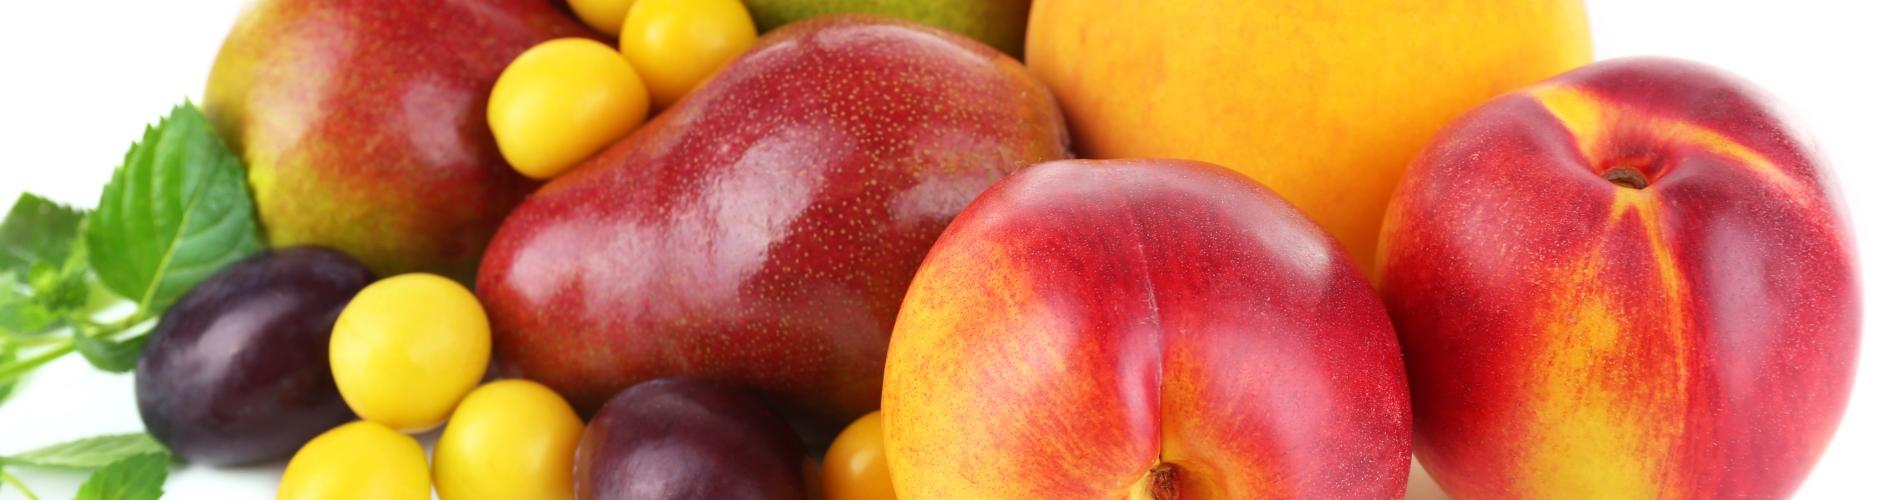 Frutti-Principali